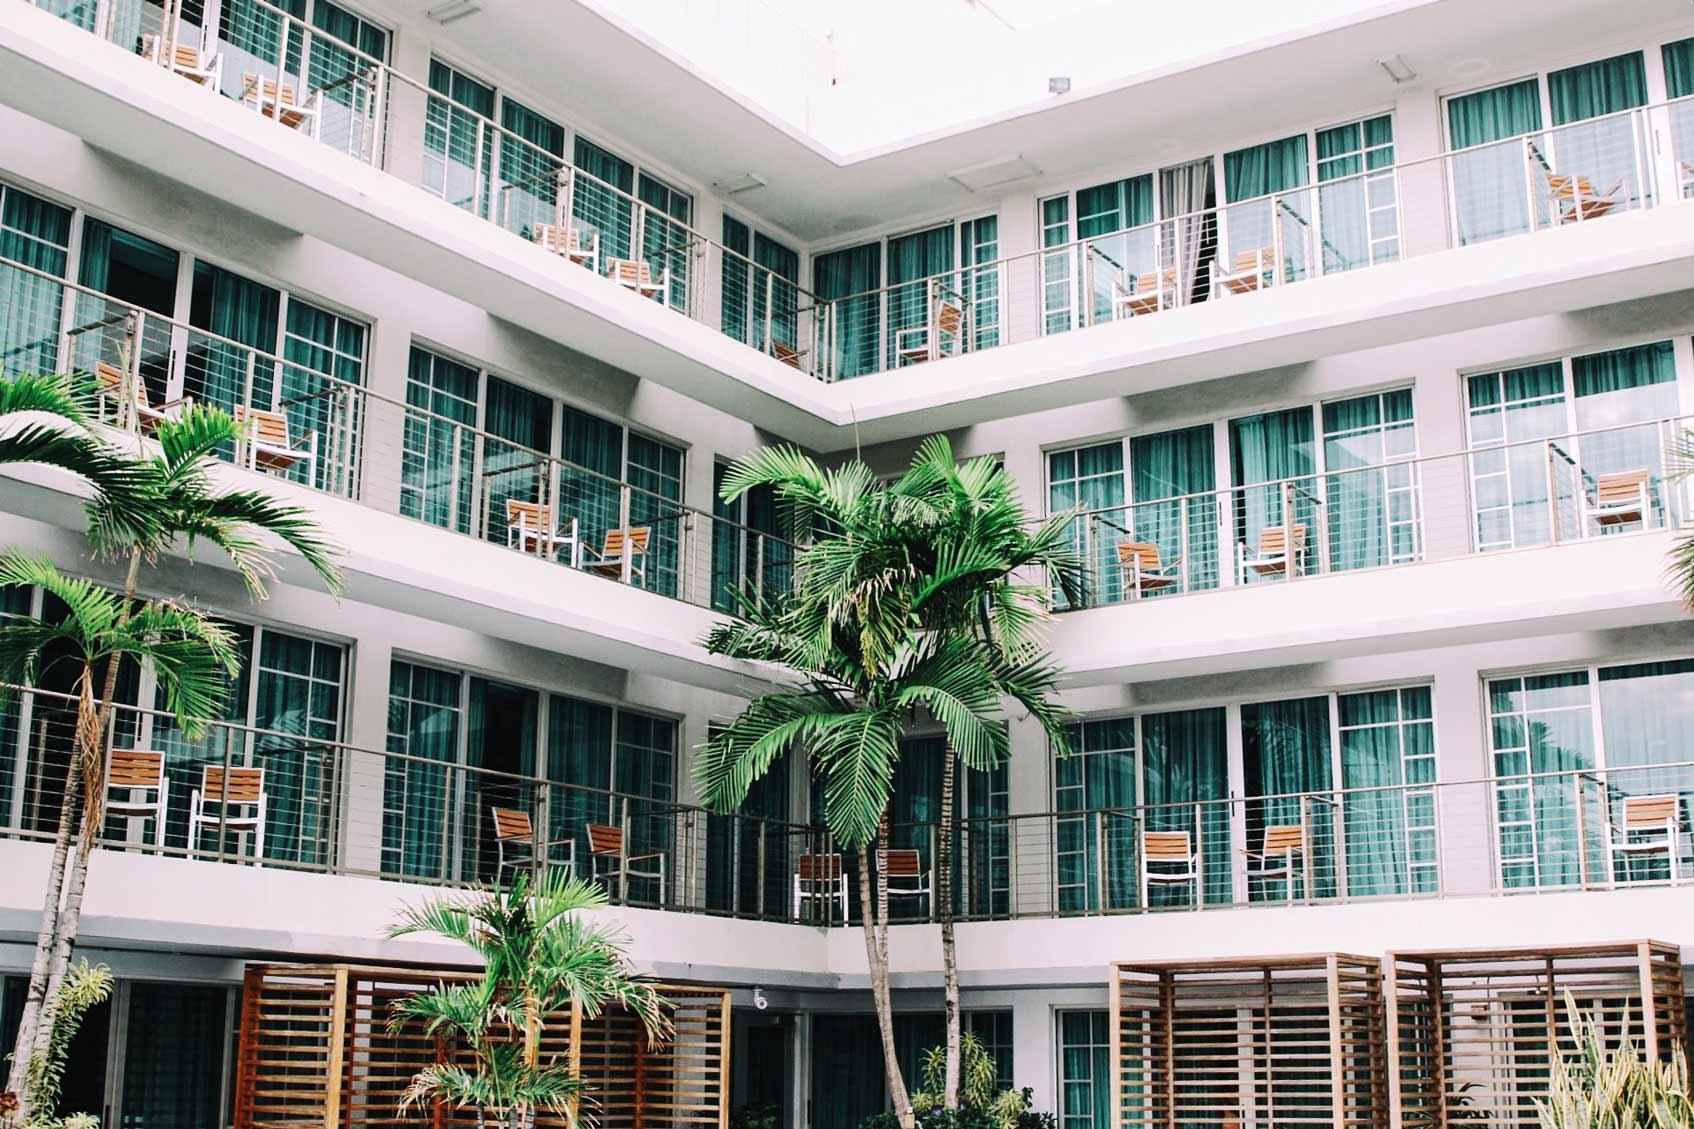 лучшие дизайн-отели в мире